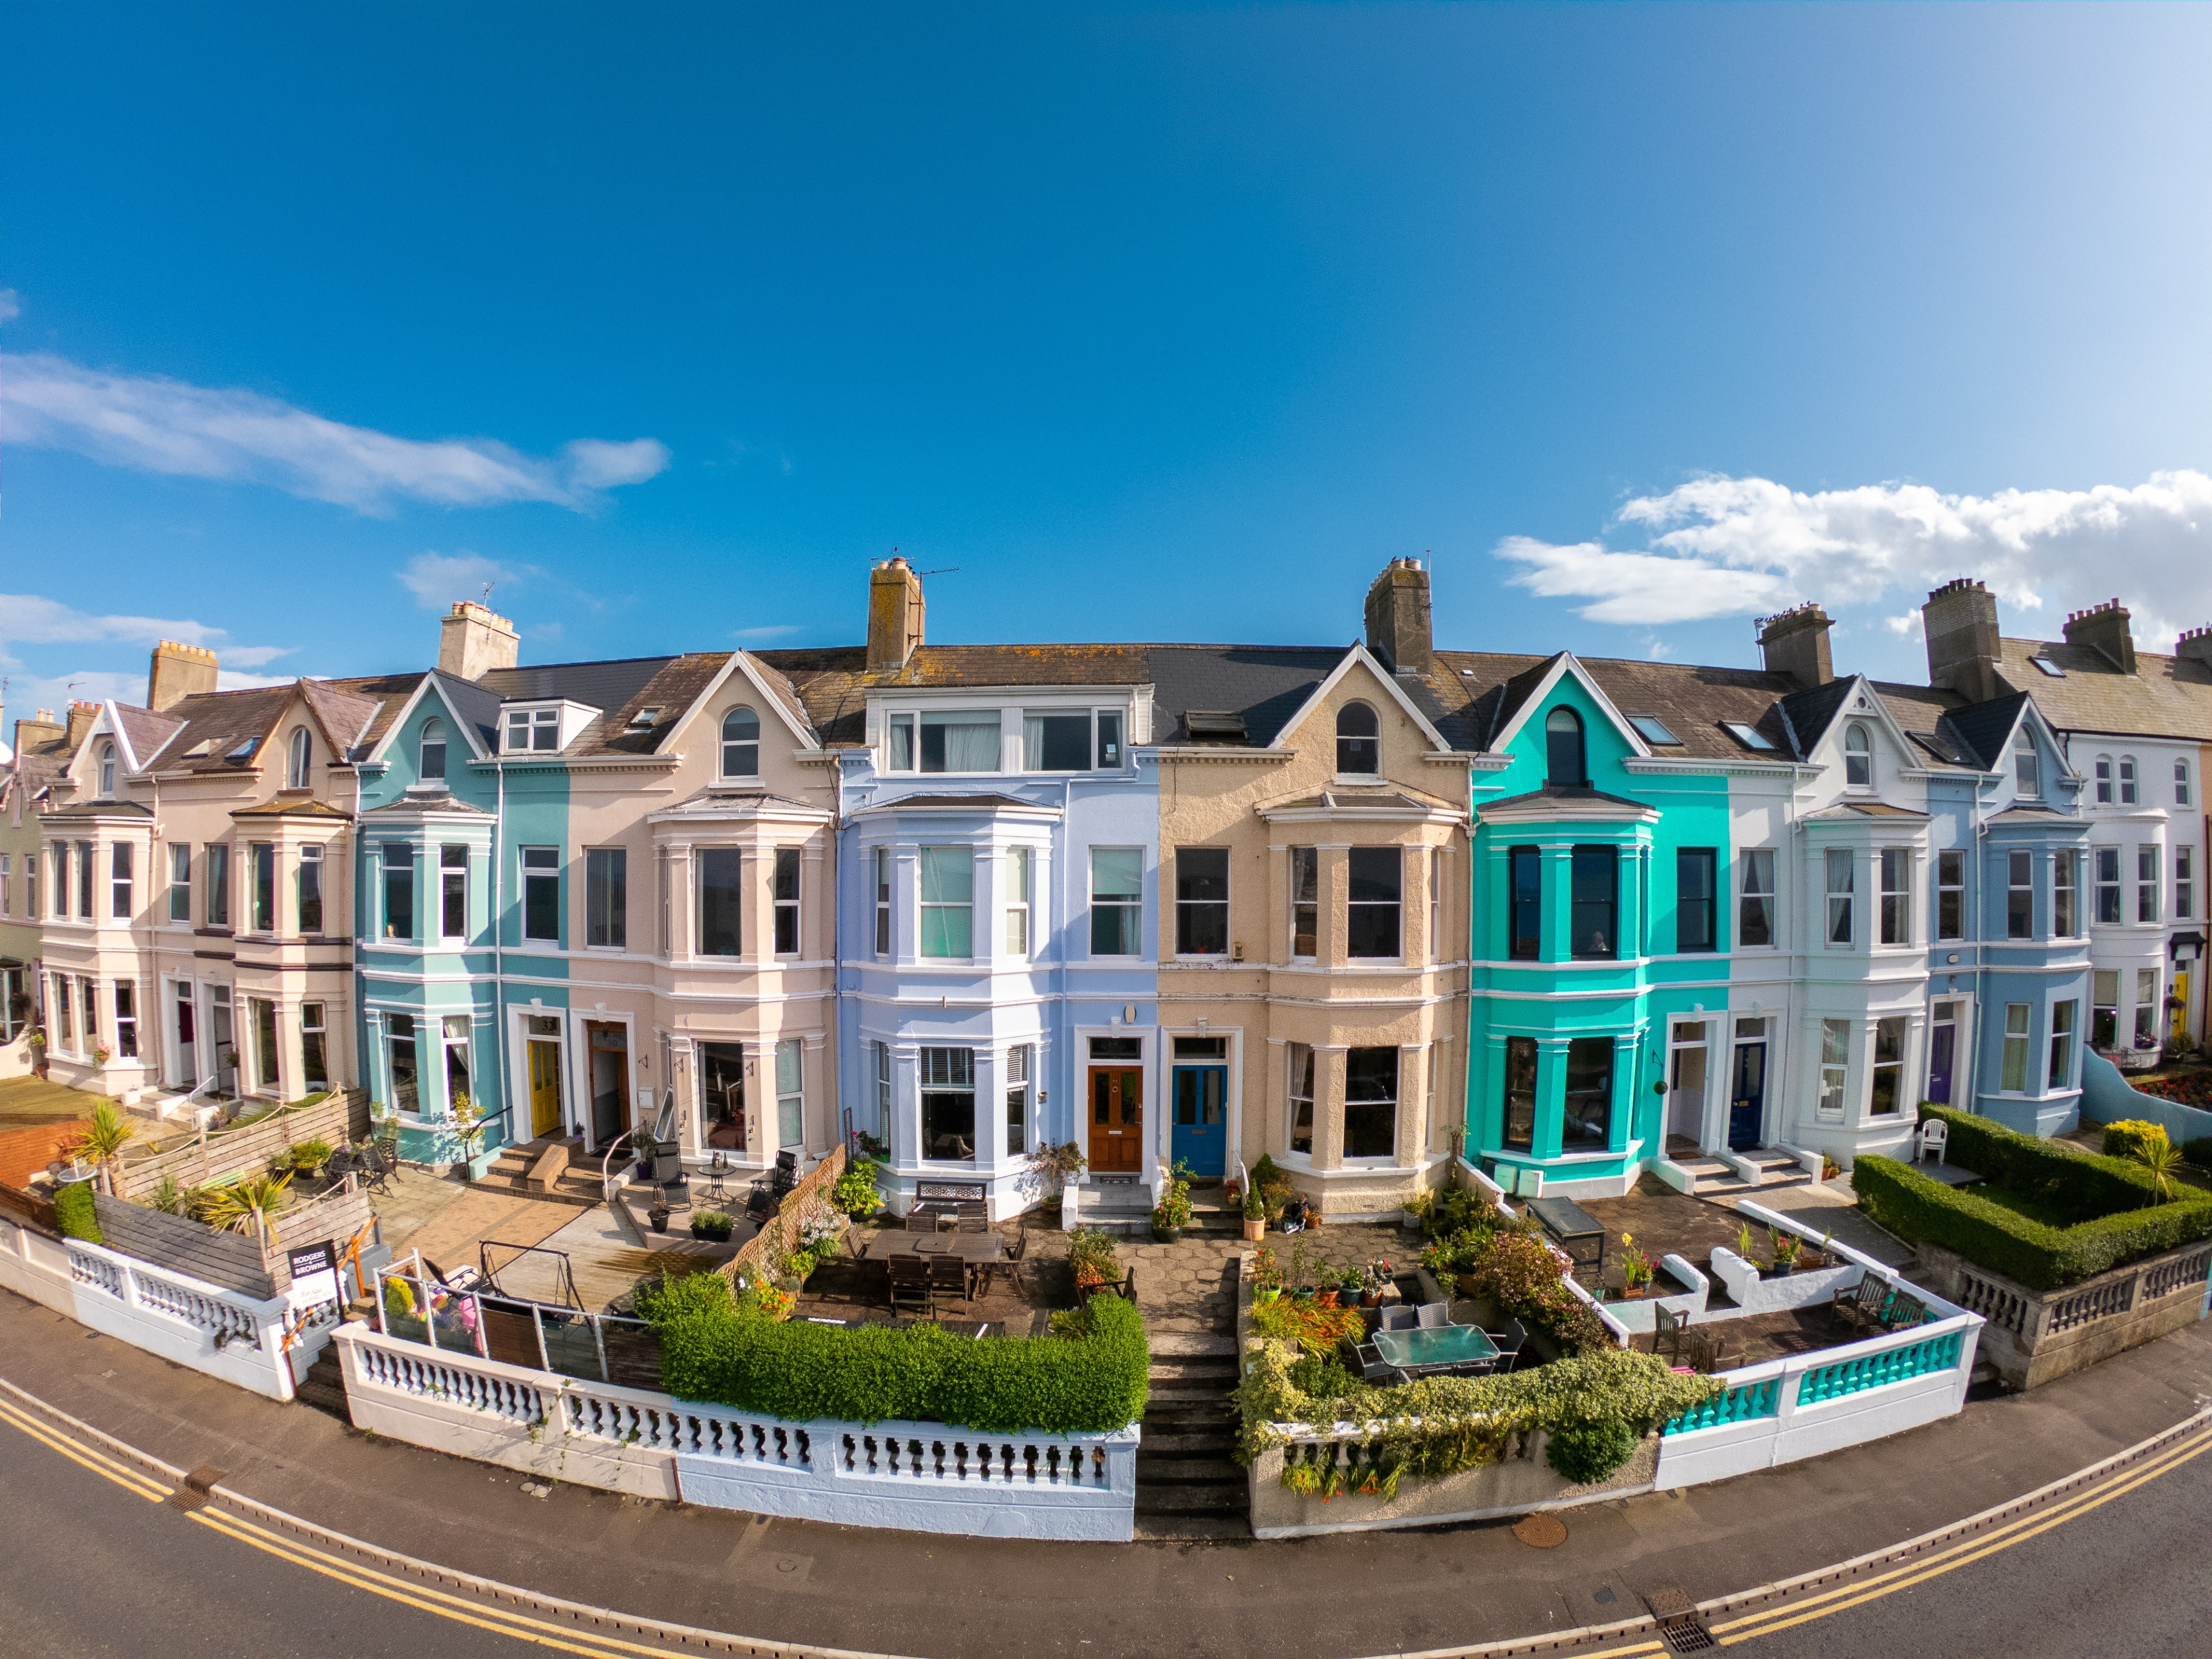 Bangor, Nordirland, Großbritannien